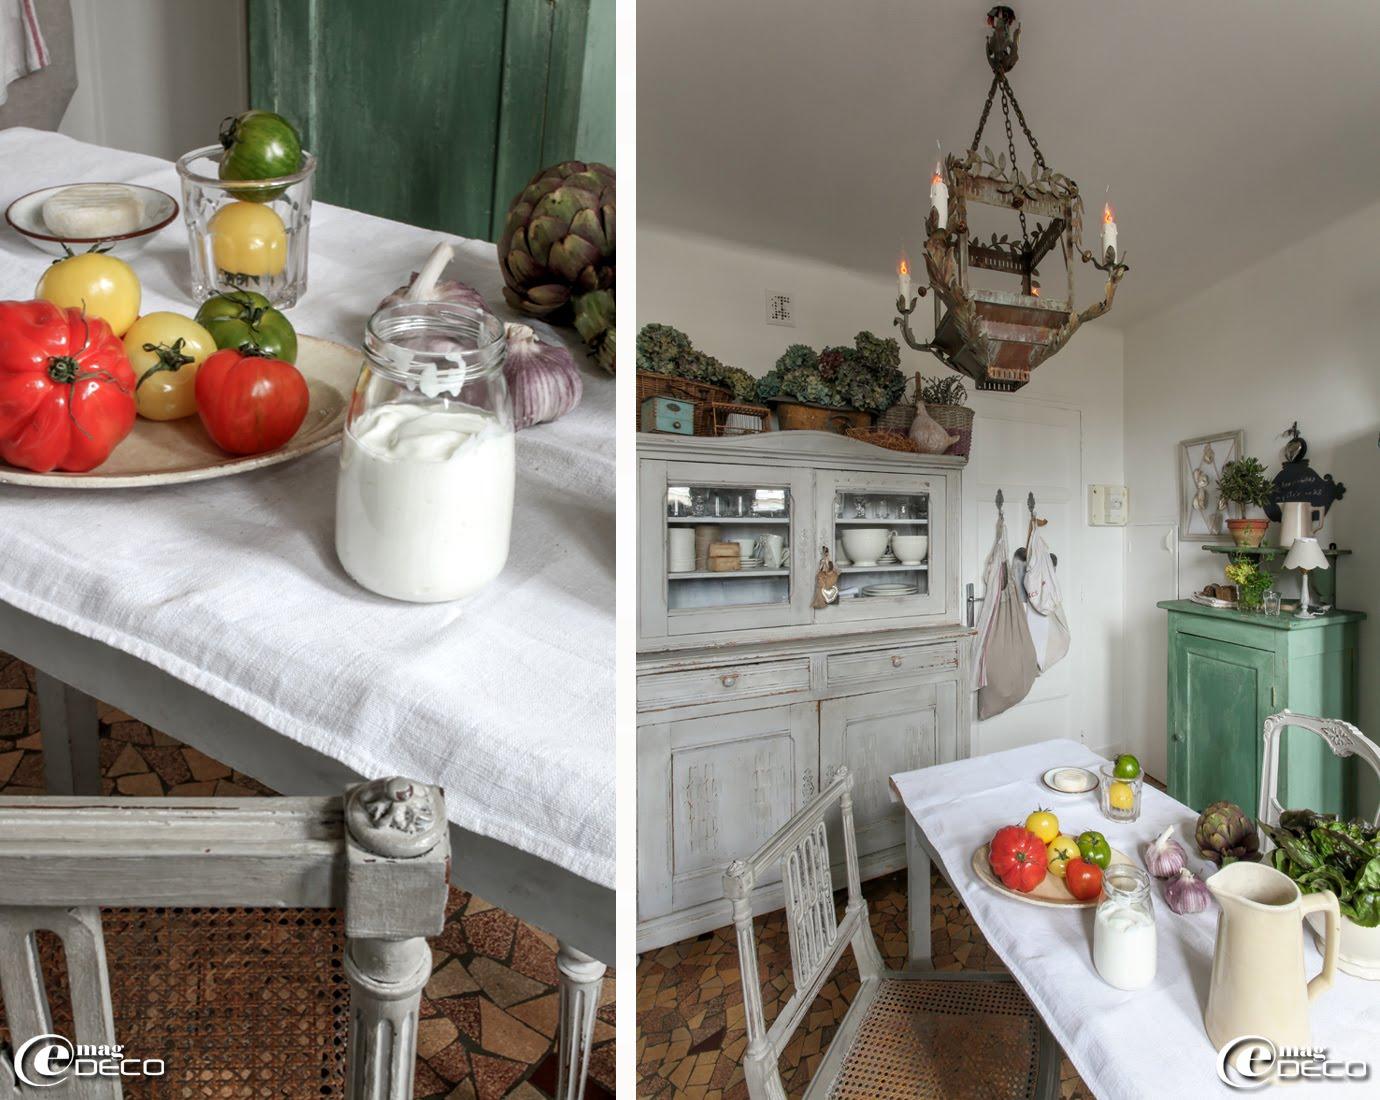 Lustre 'Coquecigrues', ancien vaisselier orné d'objets chinés et de paniers en osier remplis d'hortensias séchés